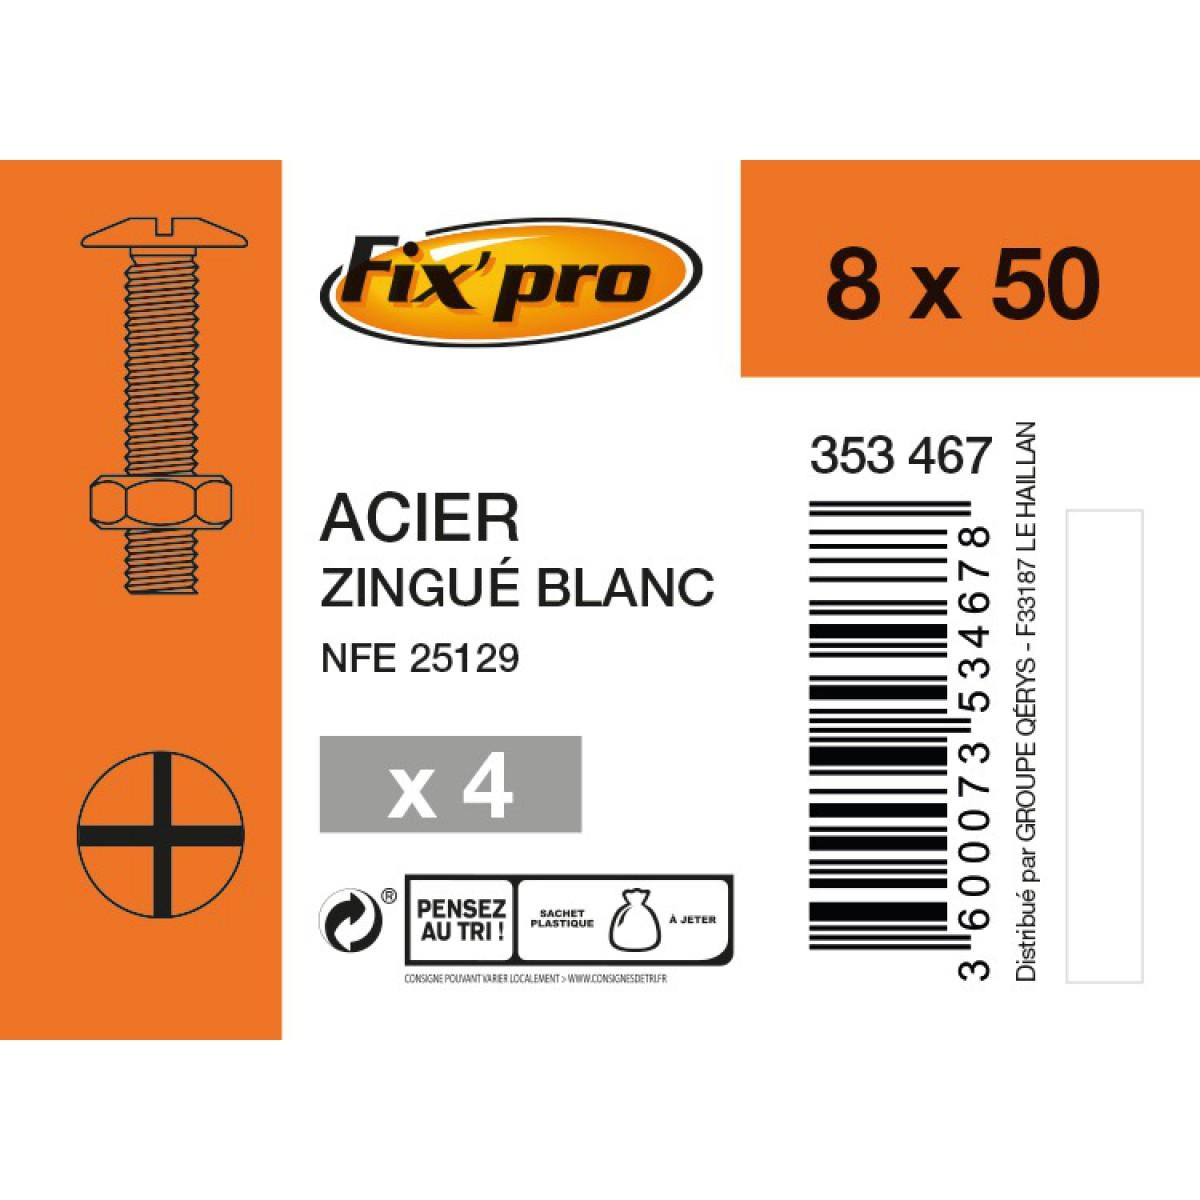 Boulon poêlier acier zingué - 8x50 - 4pces - Fixpro